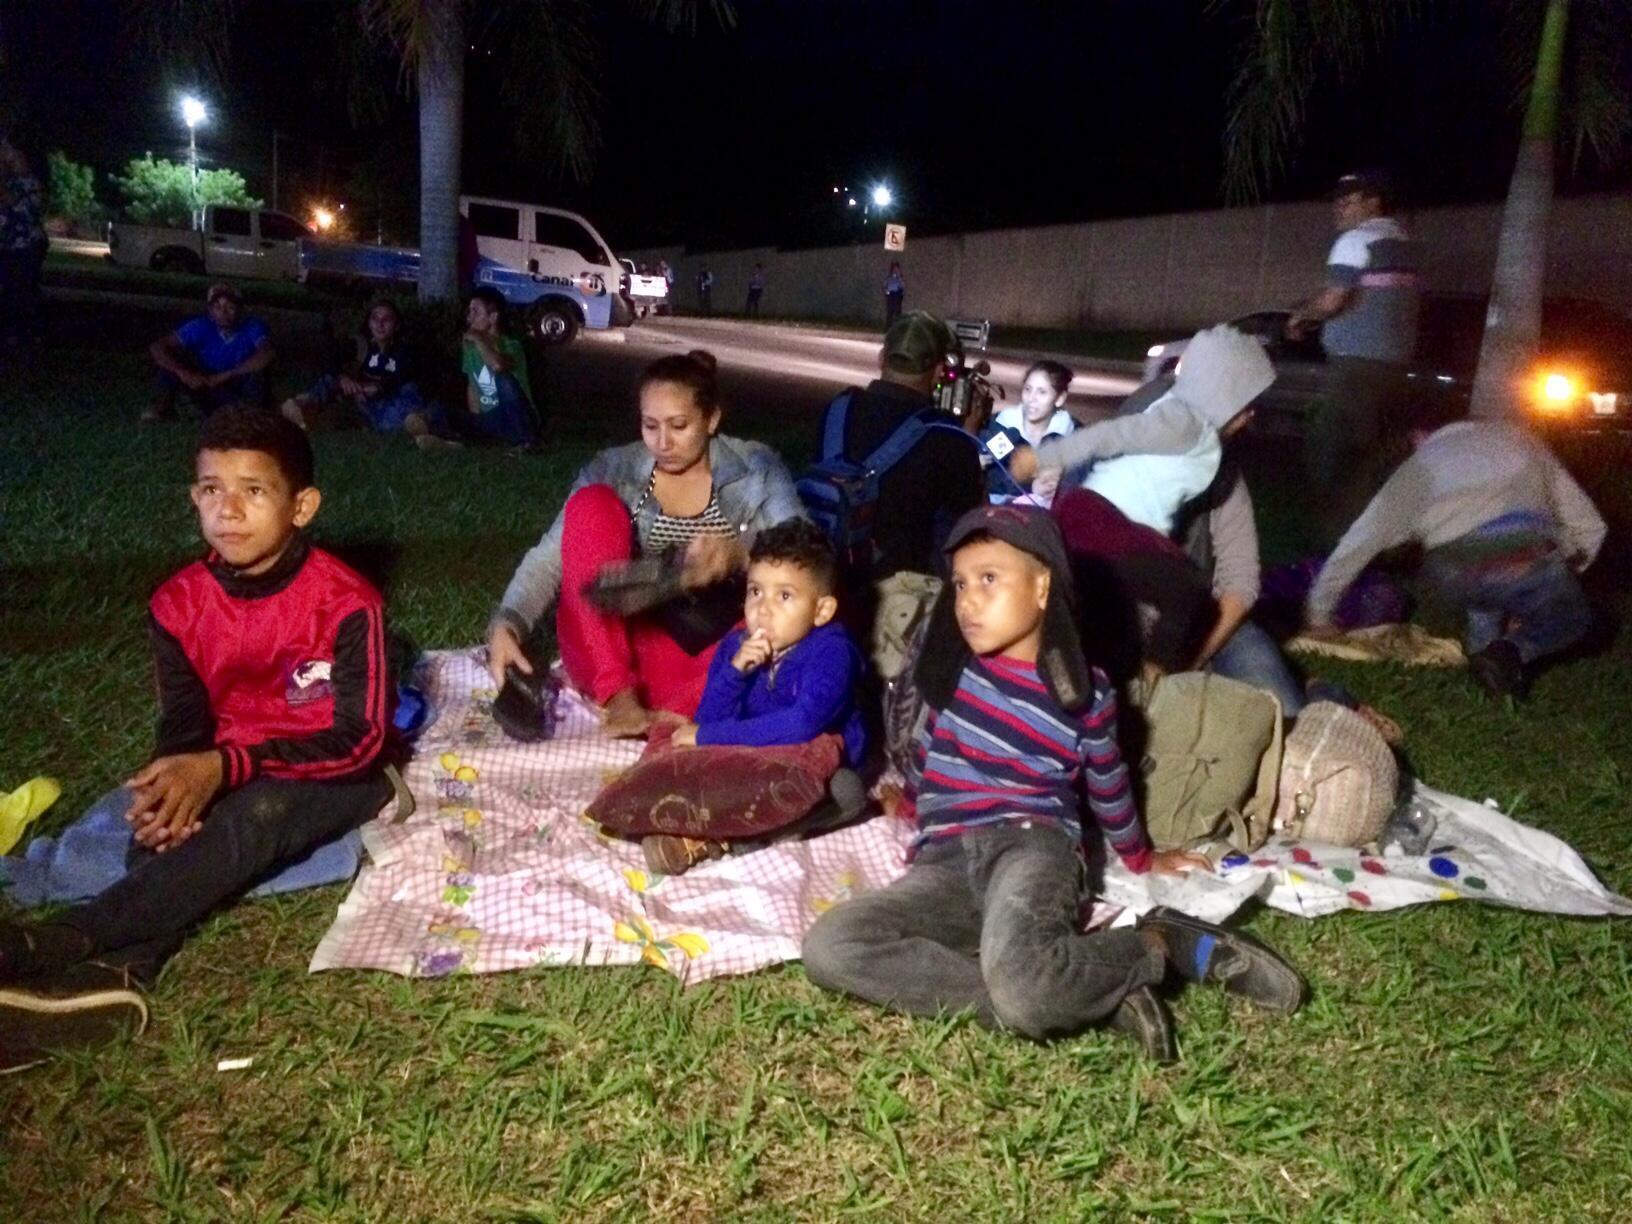 Presencia de madres solteras con niños en la caravana de migrantes que salió de San Pedro Sula, Honduras